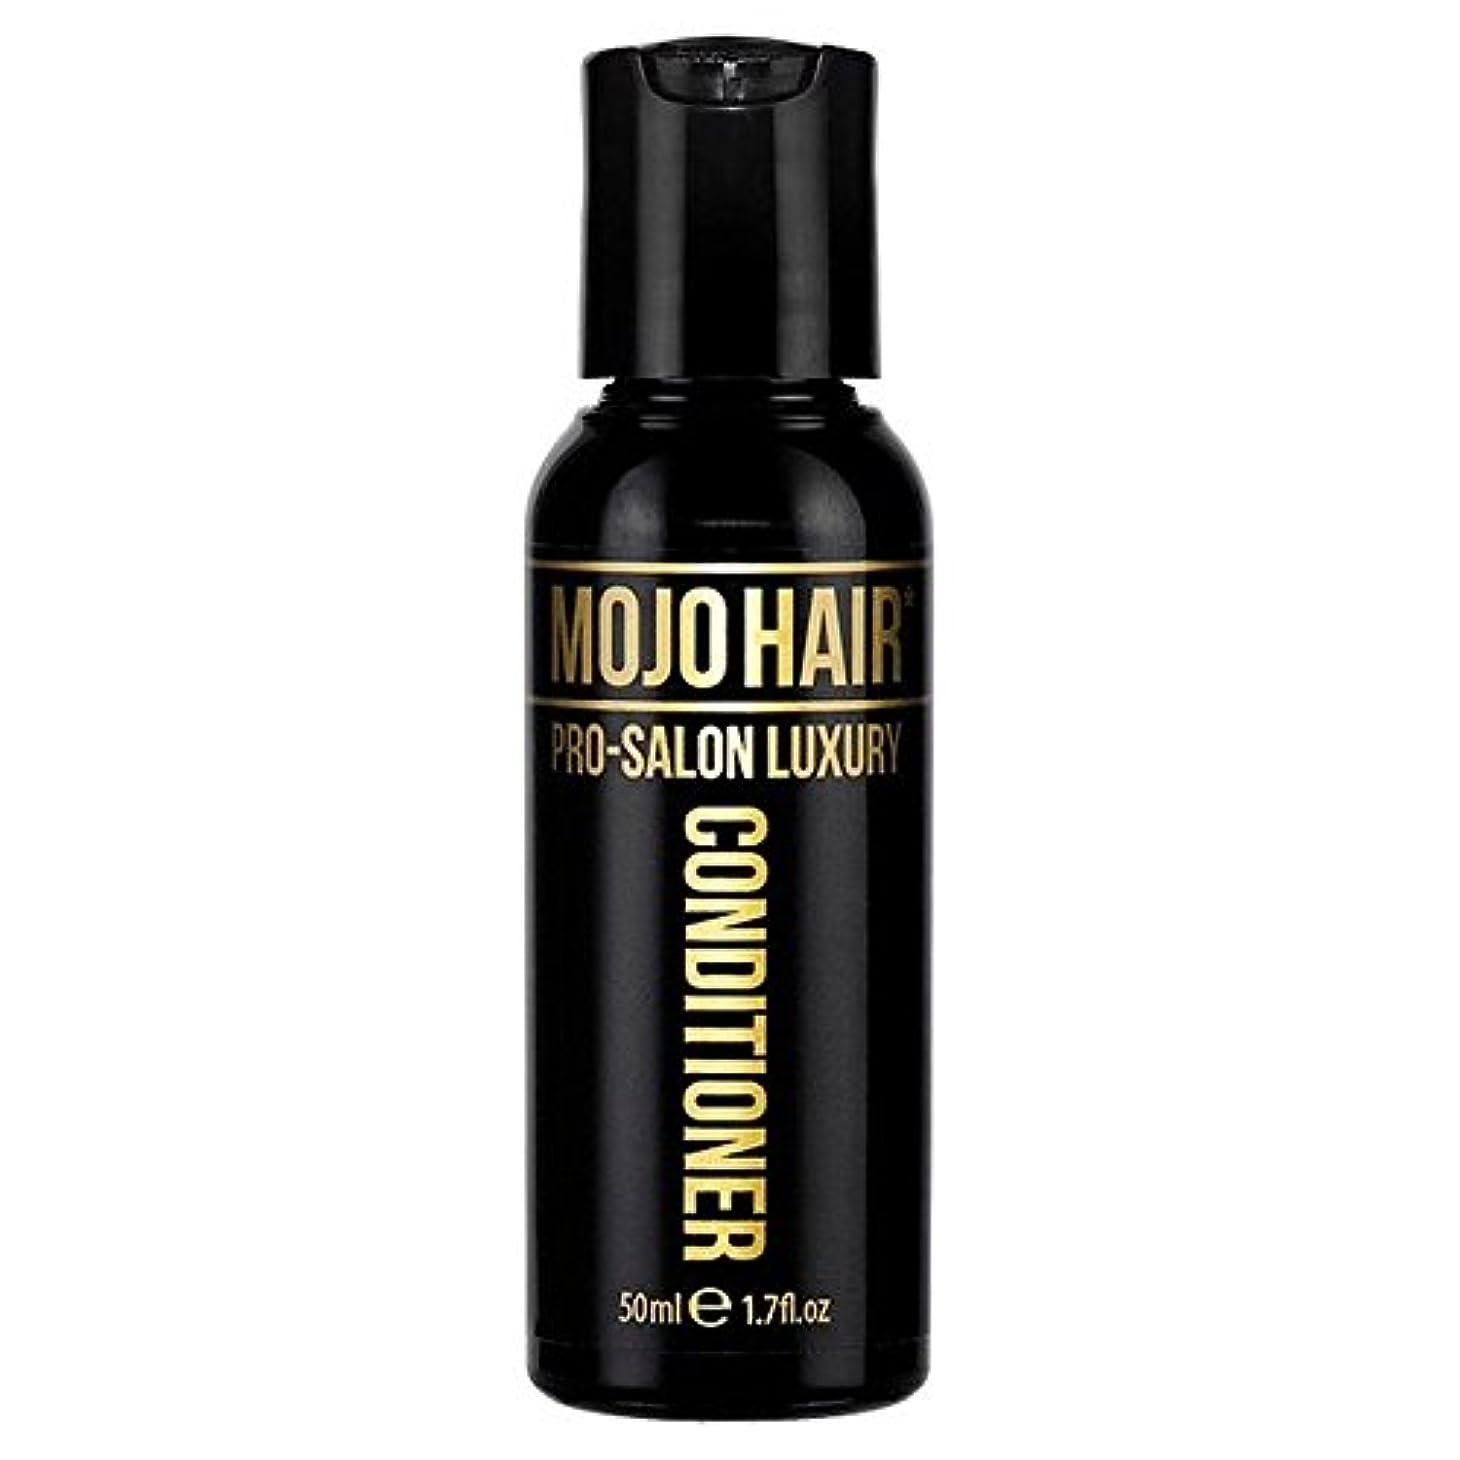 伝導ヘッドレス急降下男性のためのモジョの毛プロのサロンの贅沢な香りコンディショナー、トラベルサイズの50ミリリットル x4 - MOJO HAIR Pro-Salon Luxury Fragrance Conditioner for Men, Travel Size 50ml (Pack of 4) [並行輸入品]